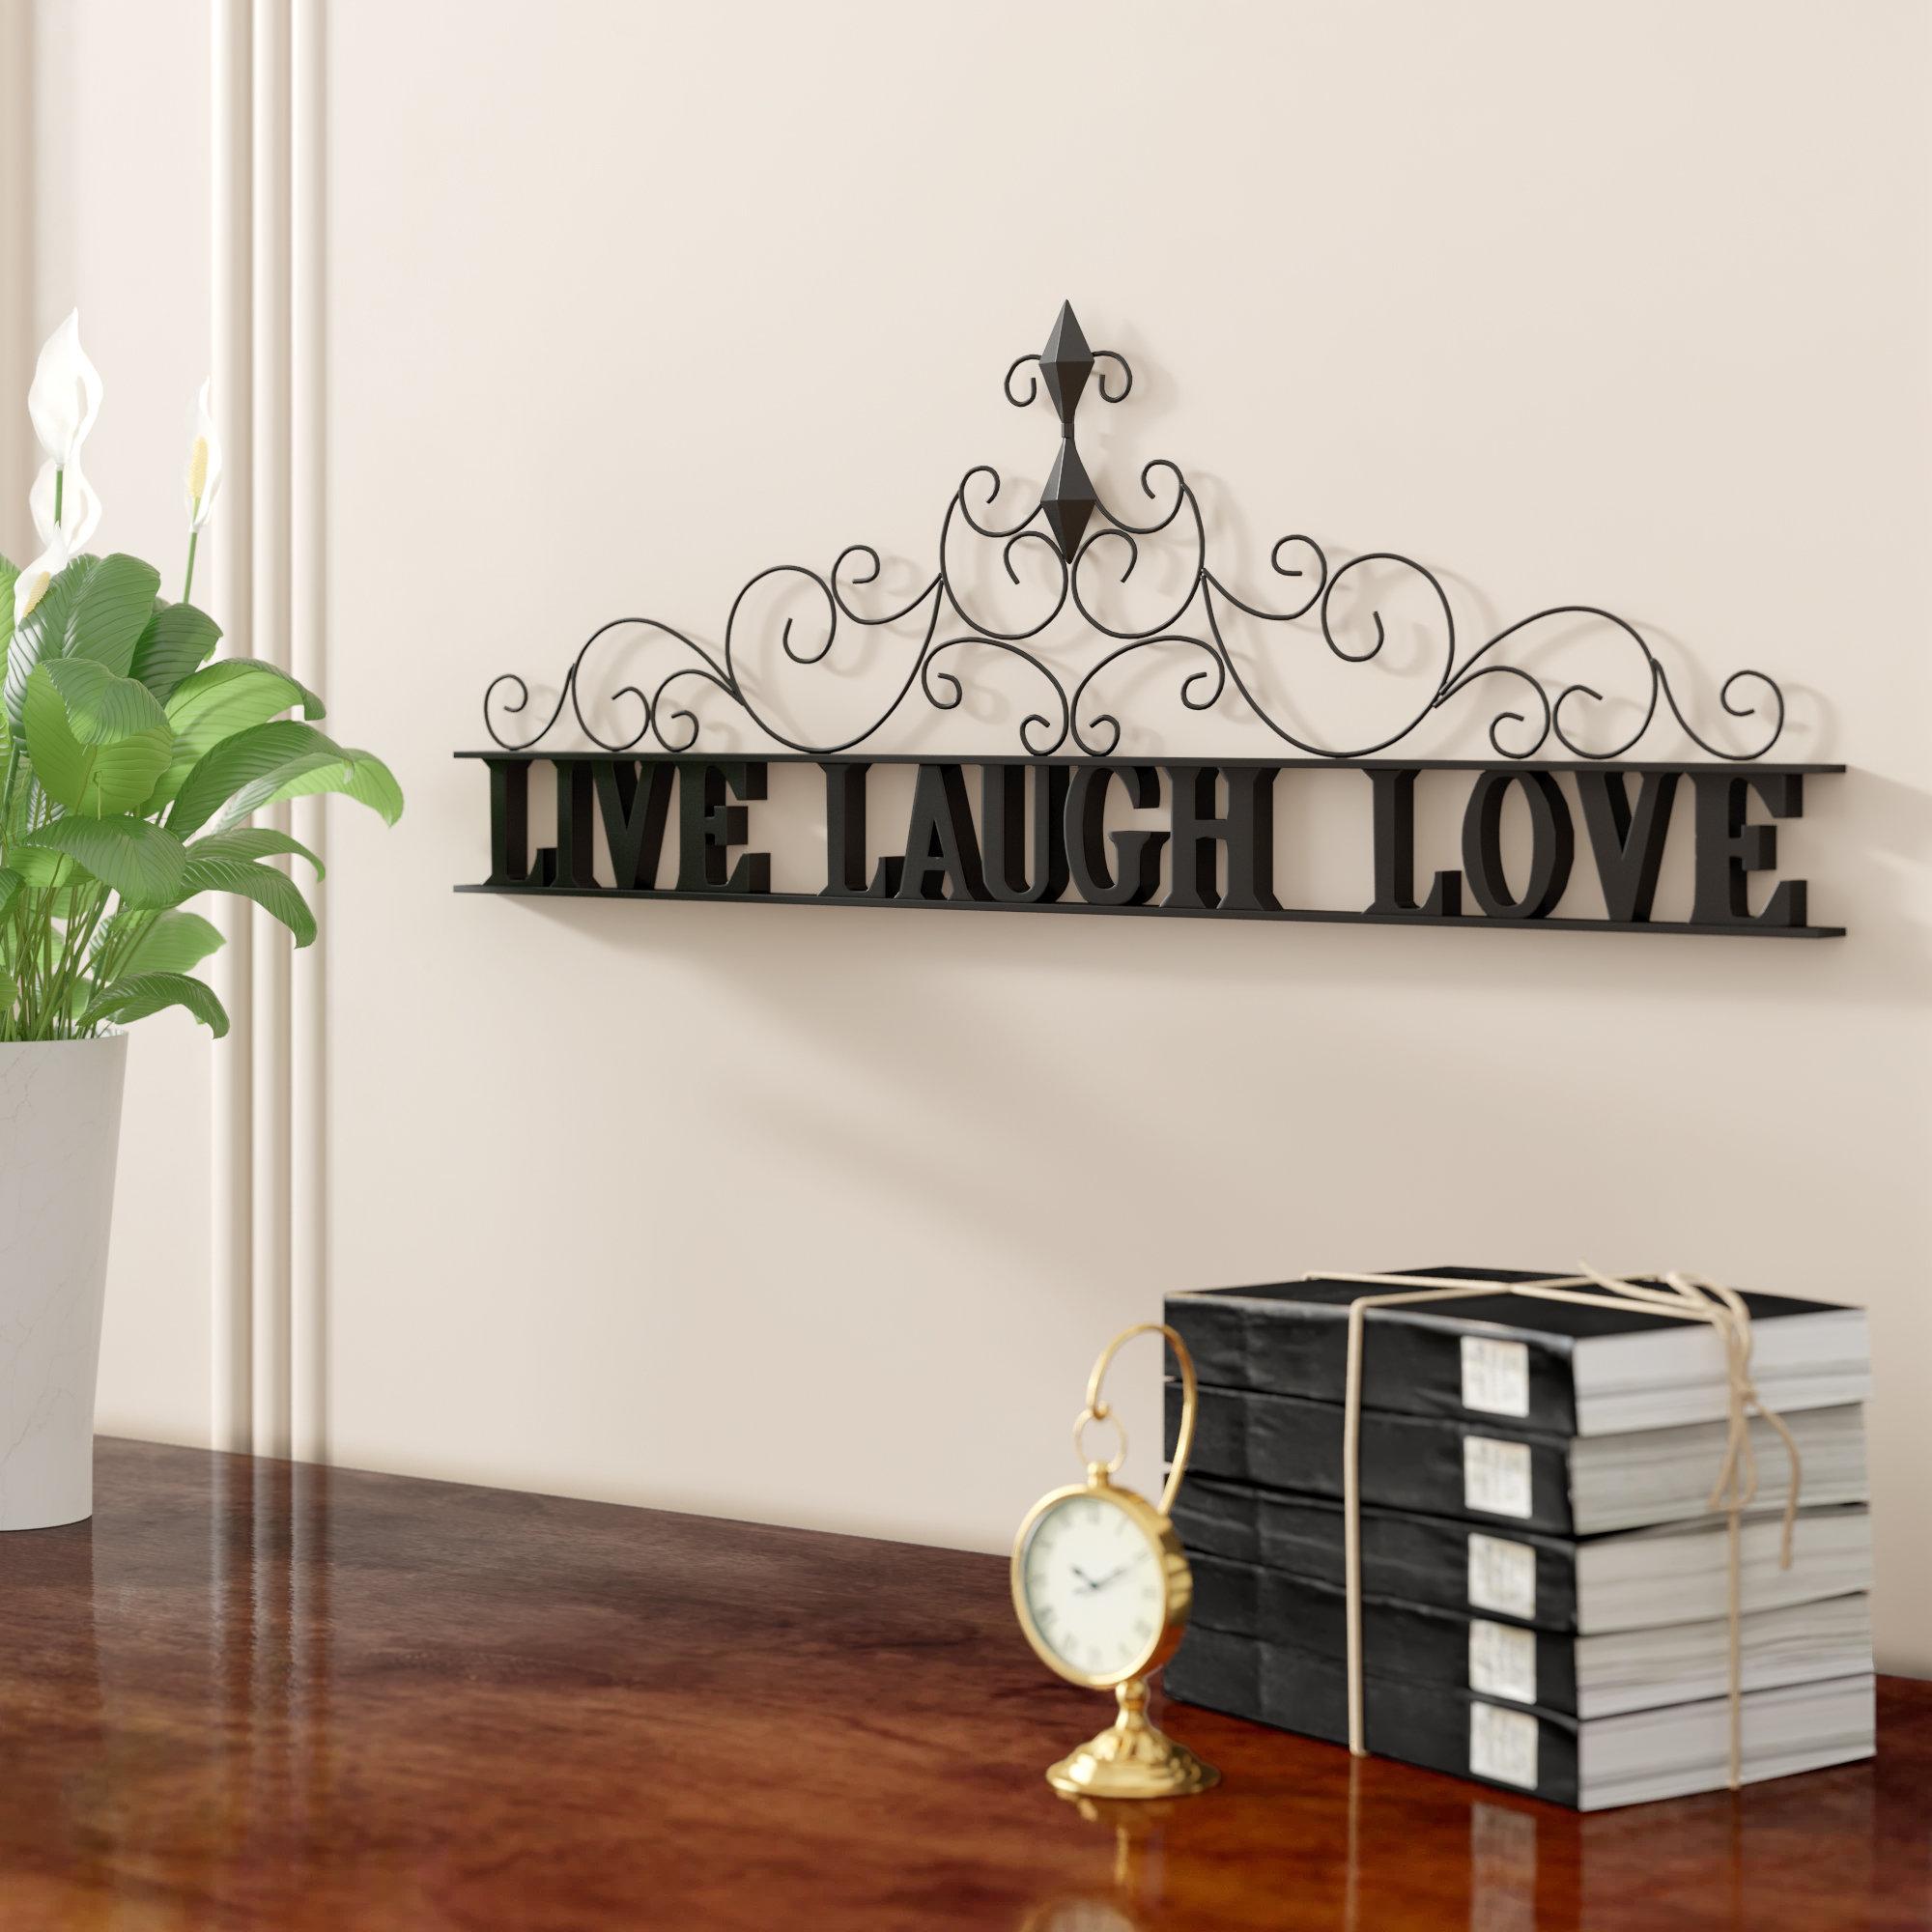 Live Love Laugh 3 Piece Black Wall Decor Sets With Recent Fleur De Lis Living Live Laugh Love Metal Wall Décor & Reviews (View 13 of 20)